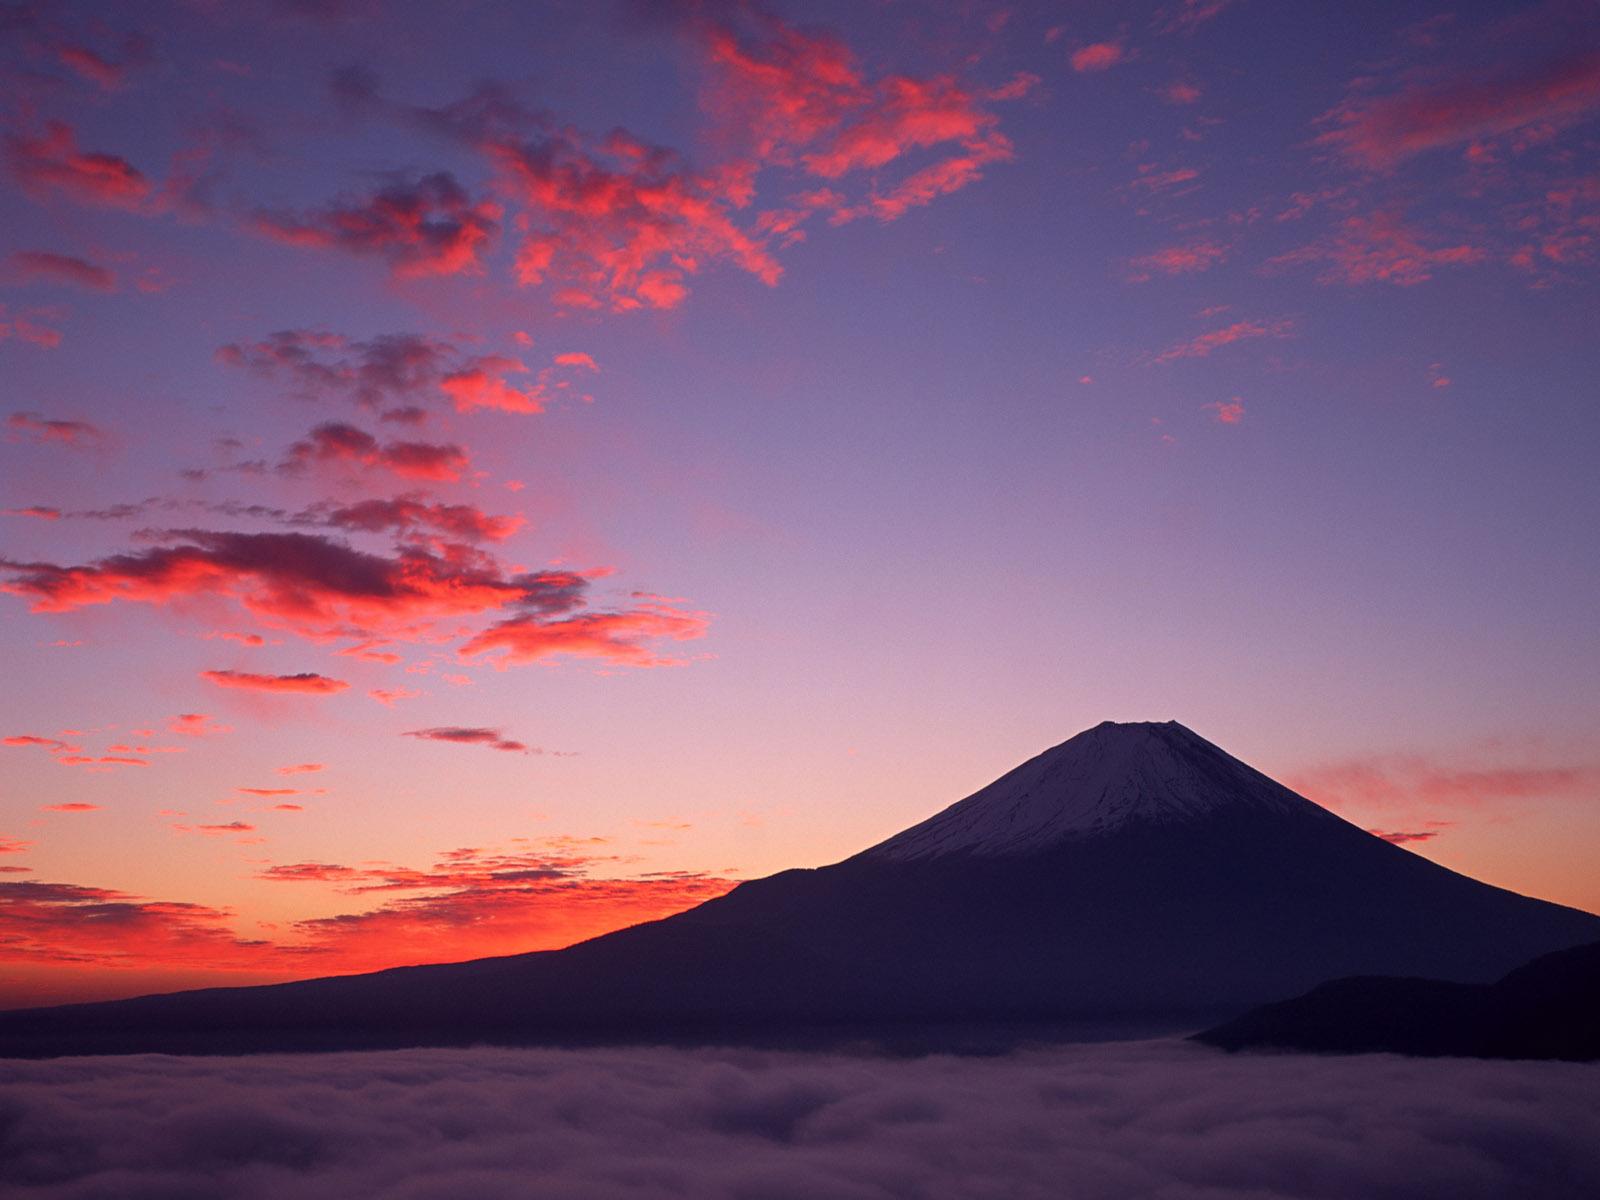 http://2.bp.blogspot.com/-d93x56OChx8/TvxxoqJrj0I/AAAAAAAABHI/tD_-oVezqWI/s1600/japanese-11.jpg